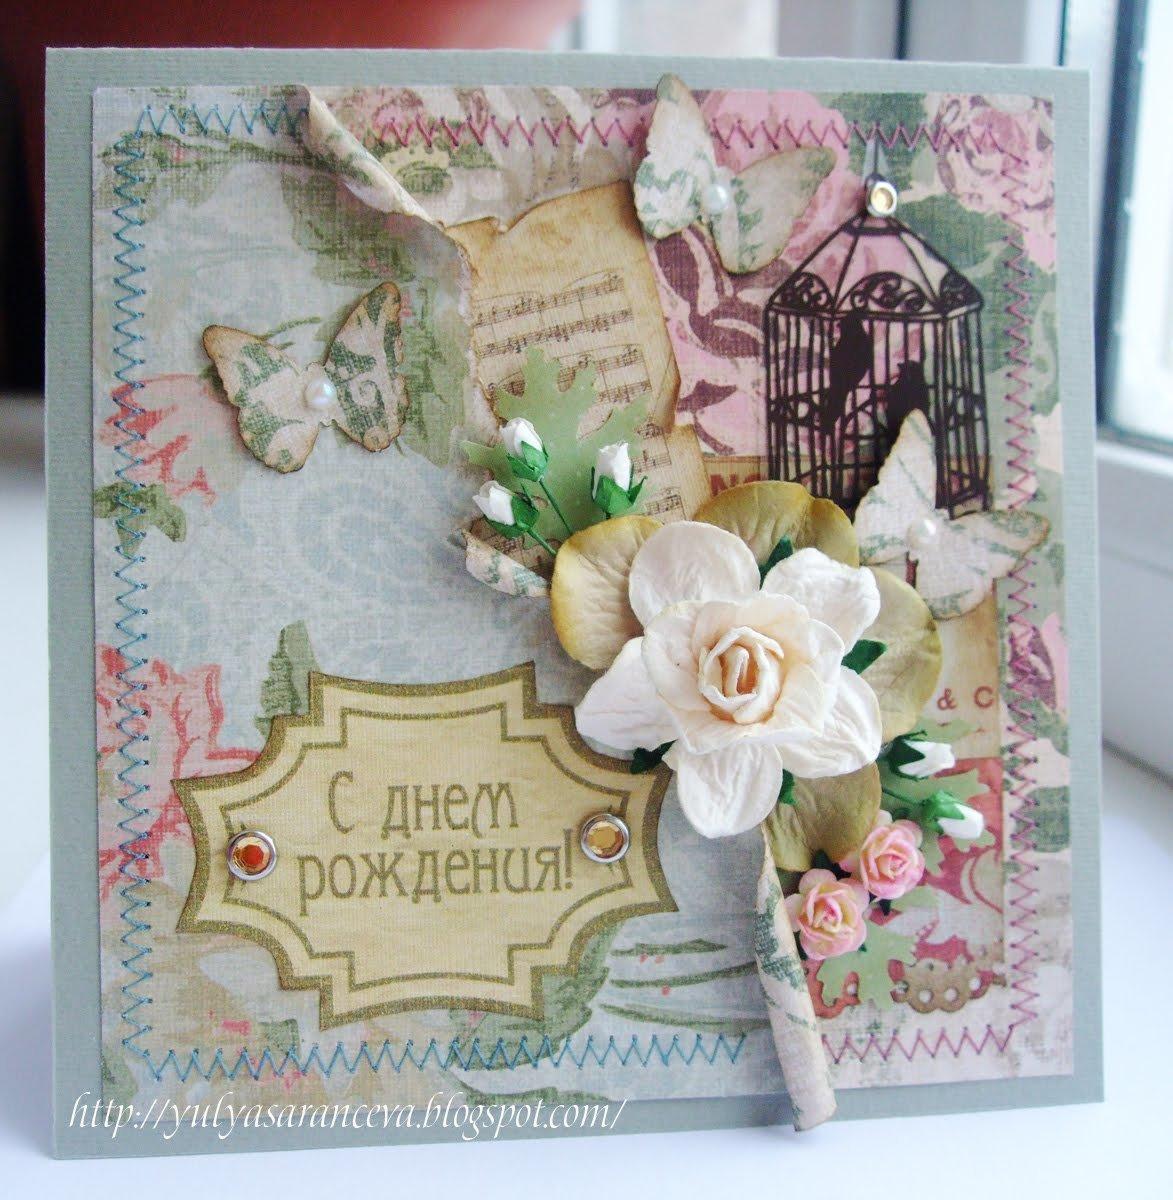 Скрап открытки с днем рождения девушке своими словами